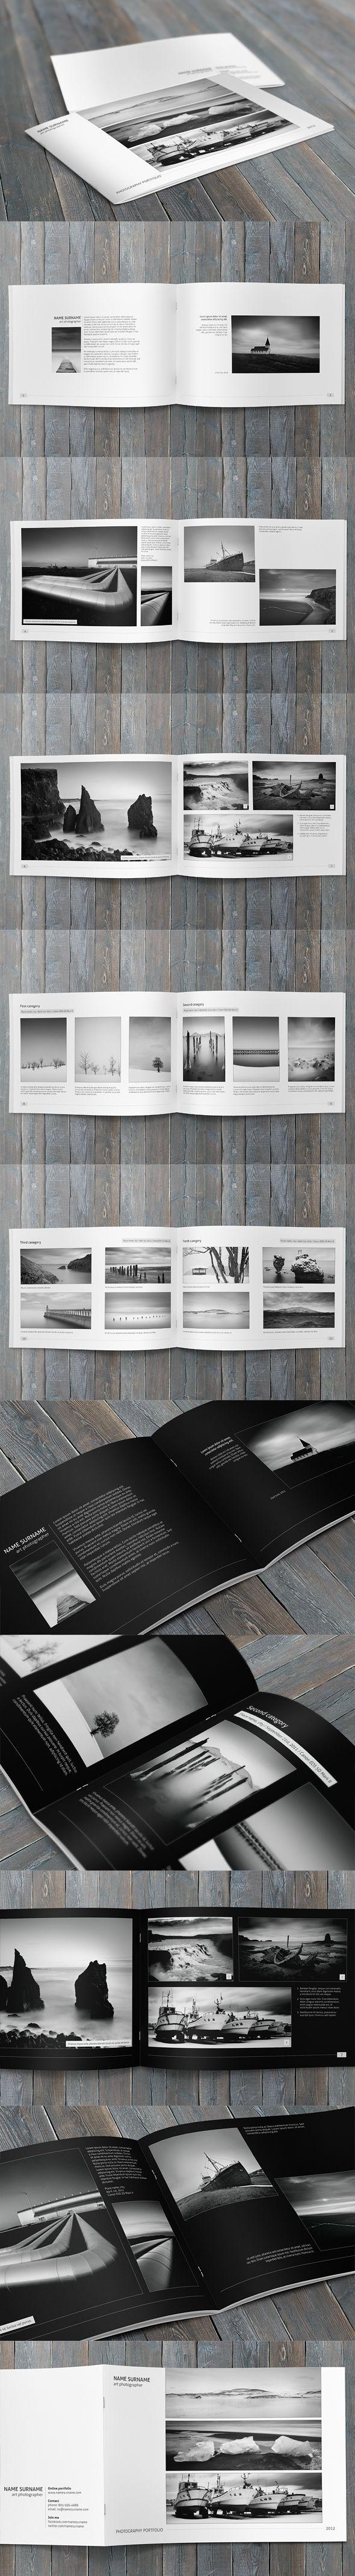 Minimalfolio Photography Portfolio A4 Brochure by Przemyslaw S, via ...